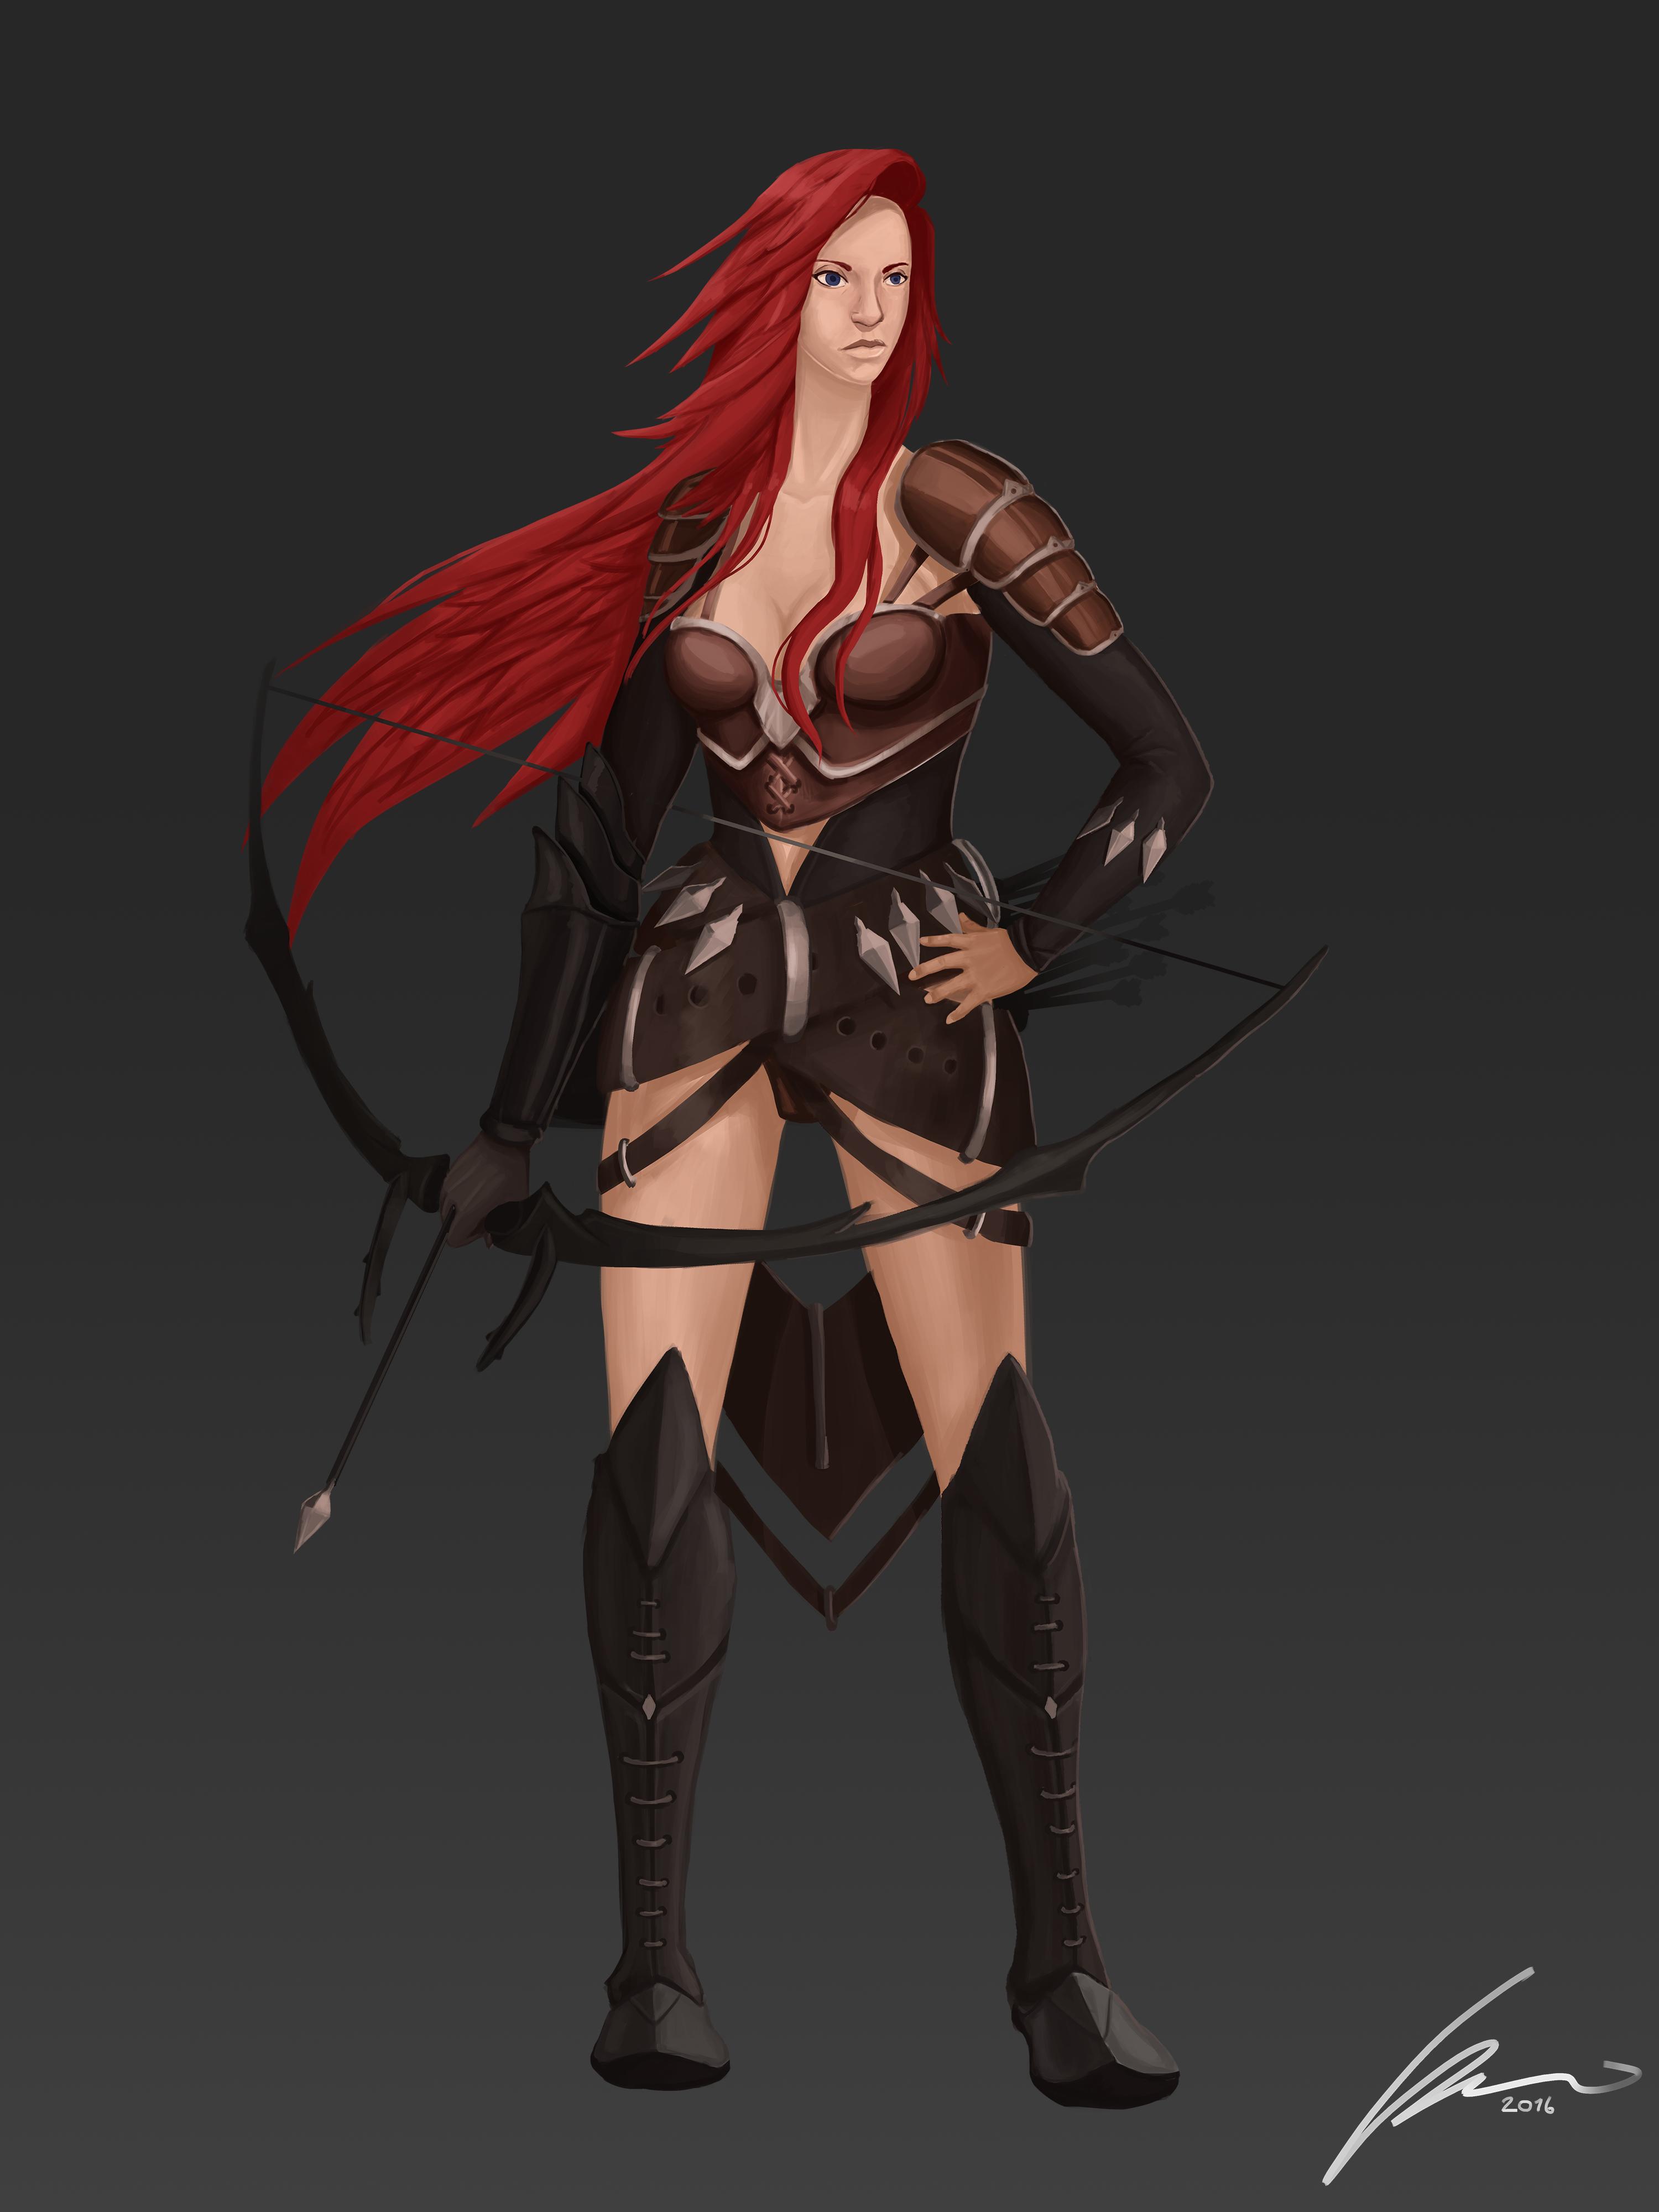 Warriorlady